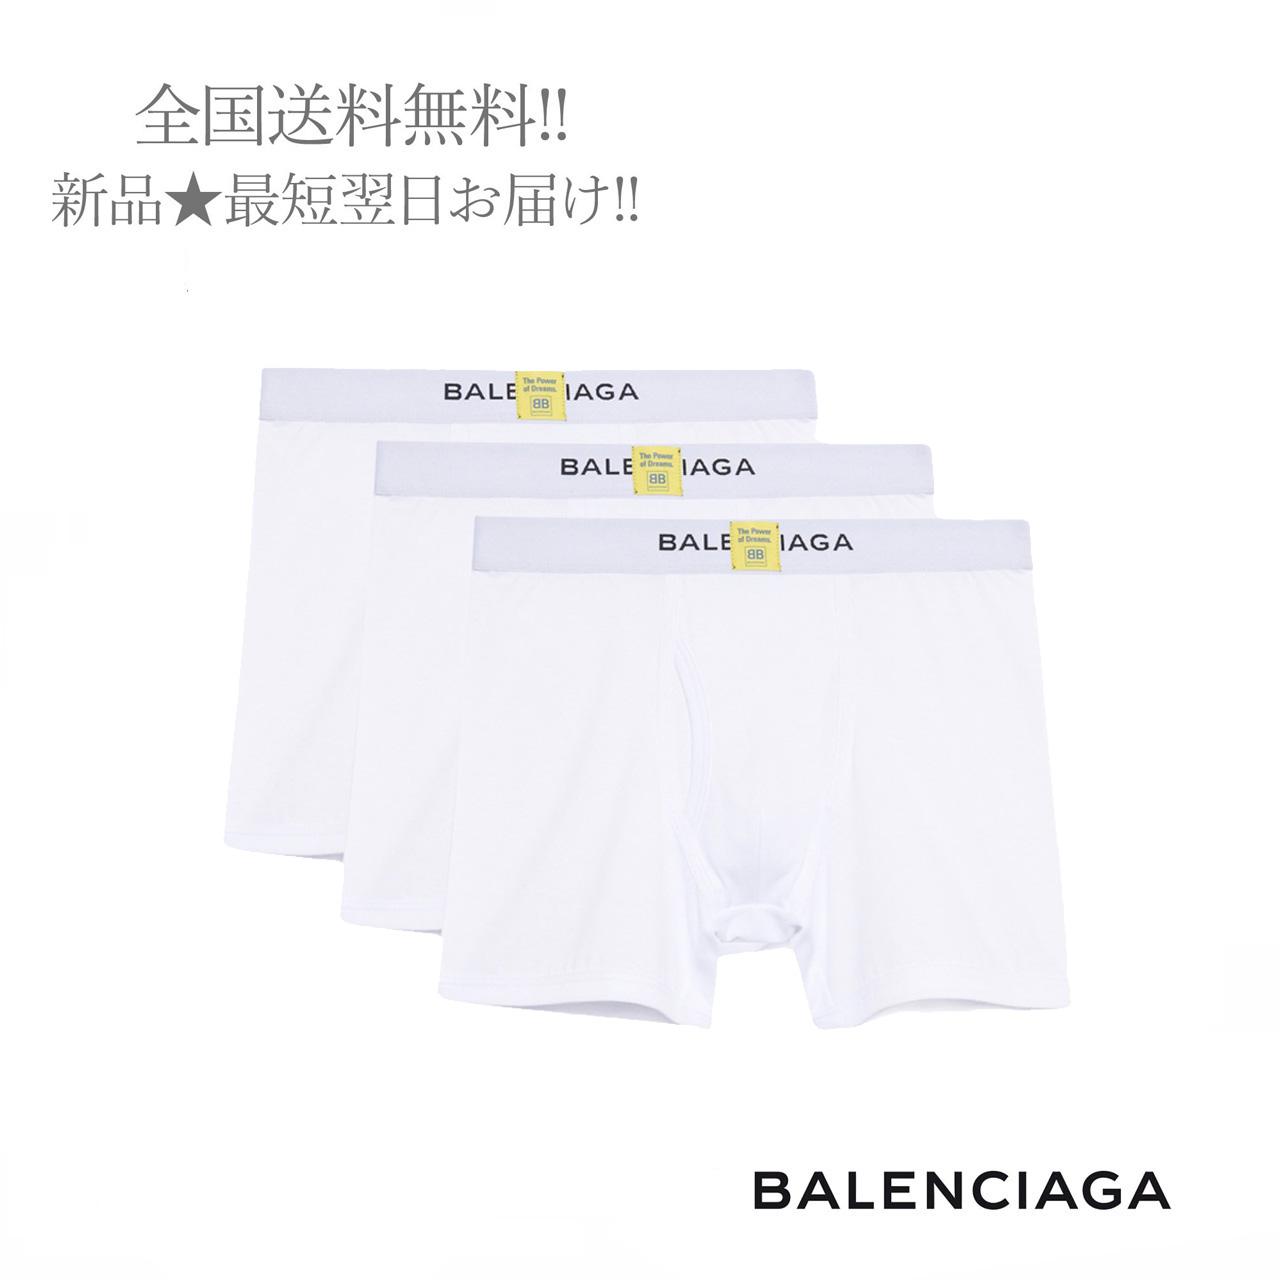 BALENCIAGA 営業 バレンシアガ ボクサーパンツ 3枚セット インナー ロゴ イタリア製 人気急上昇 ホワイト 9060 S 男 新品 メンズ